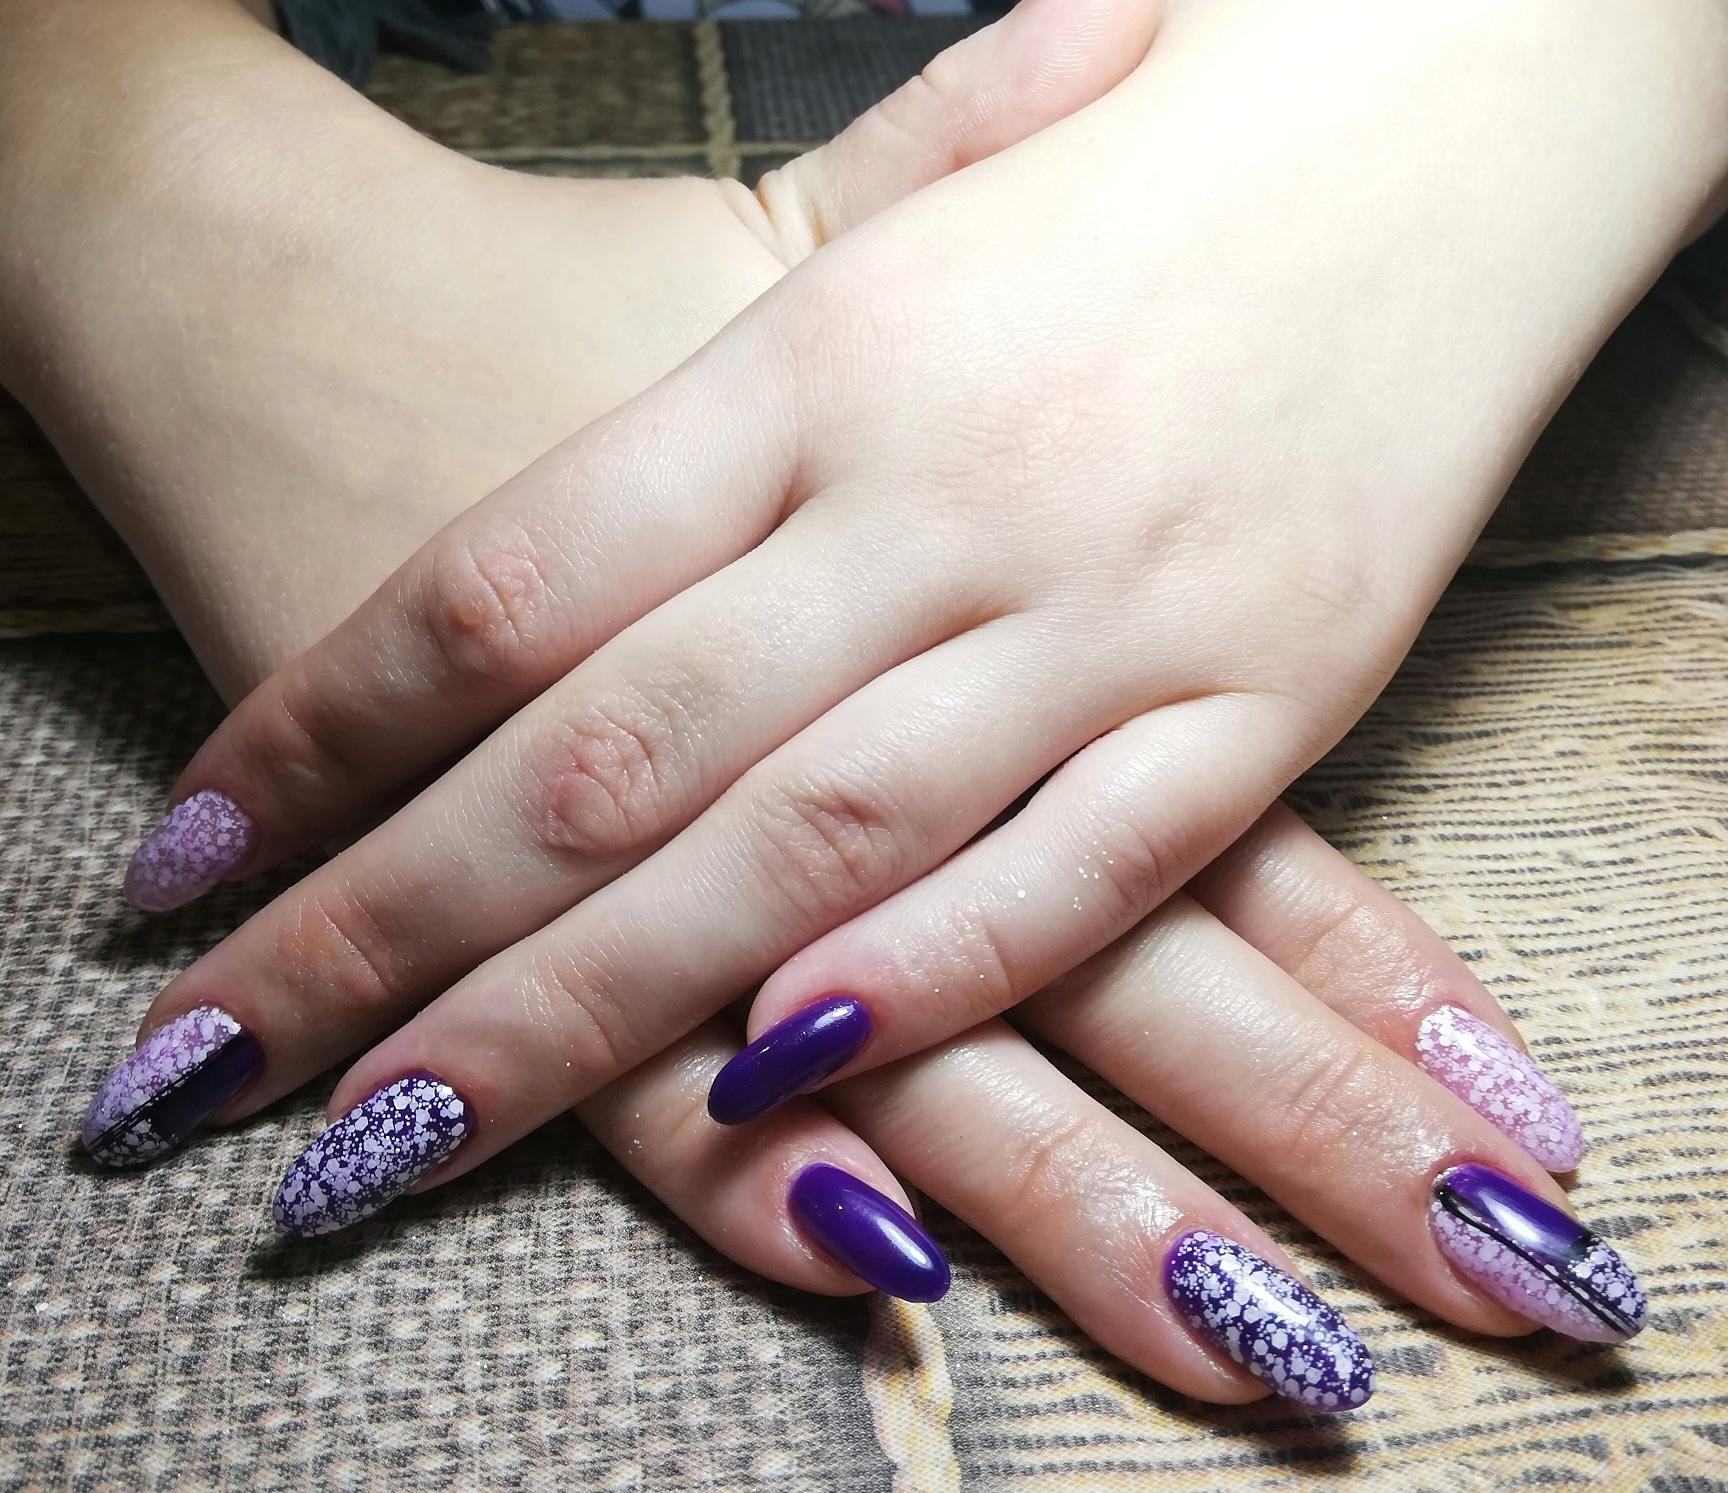 Маникюр с абстрактным рисунком в фиолетовом цвете на длинные ногти.